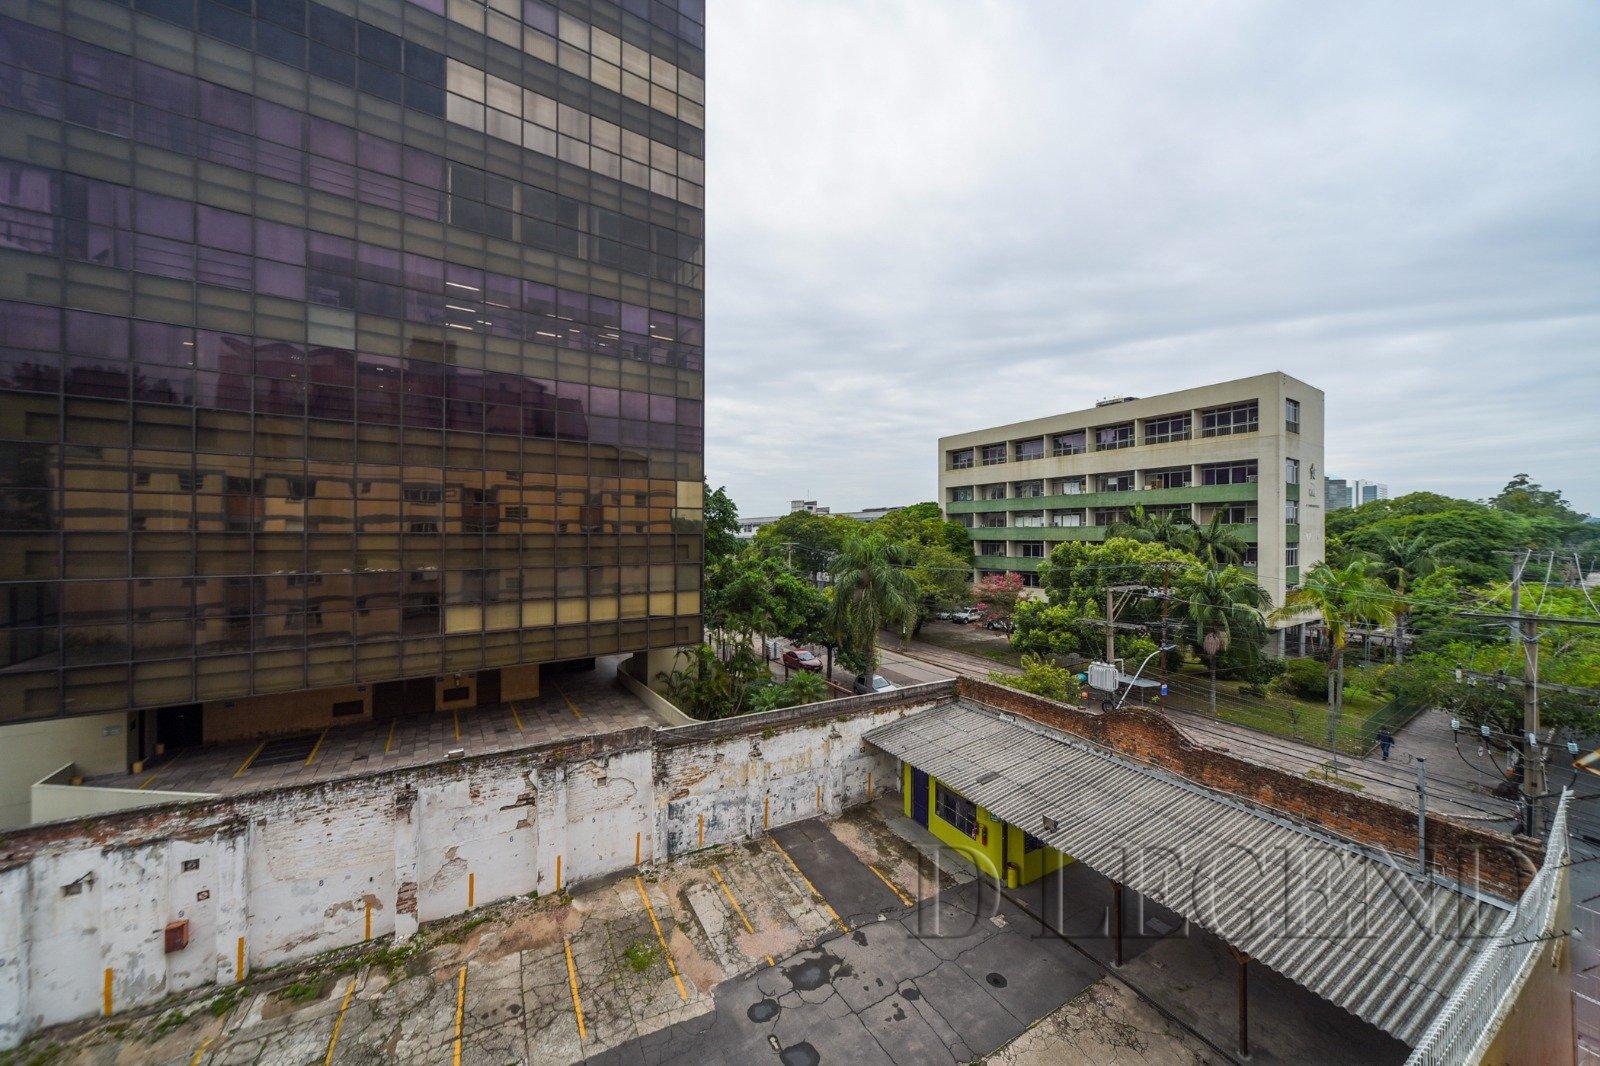 Edificio Rio Xingu - Rua Washington Luiz, 766 - Centro Histórico - Porto Alegre